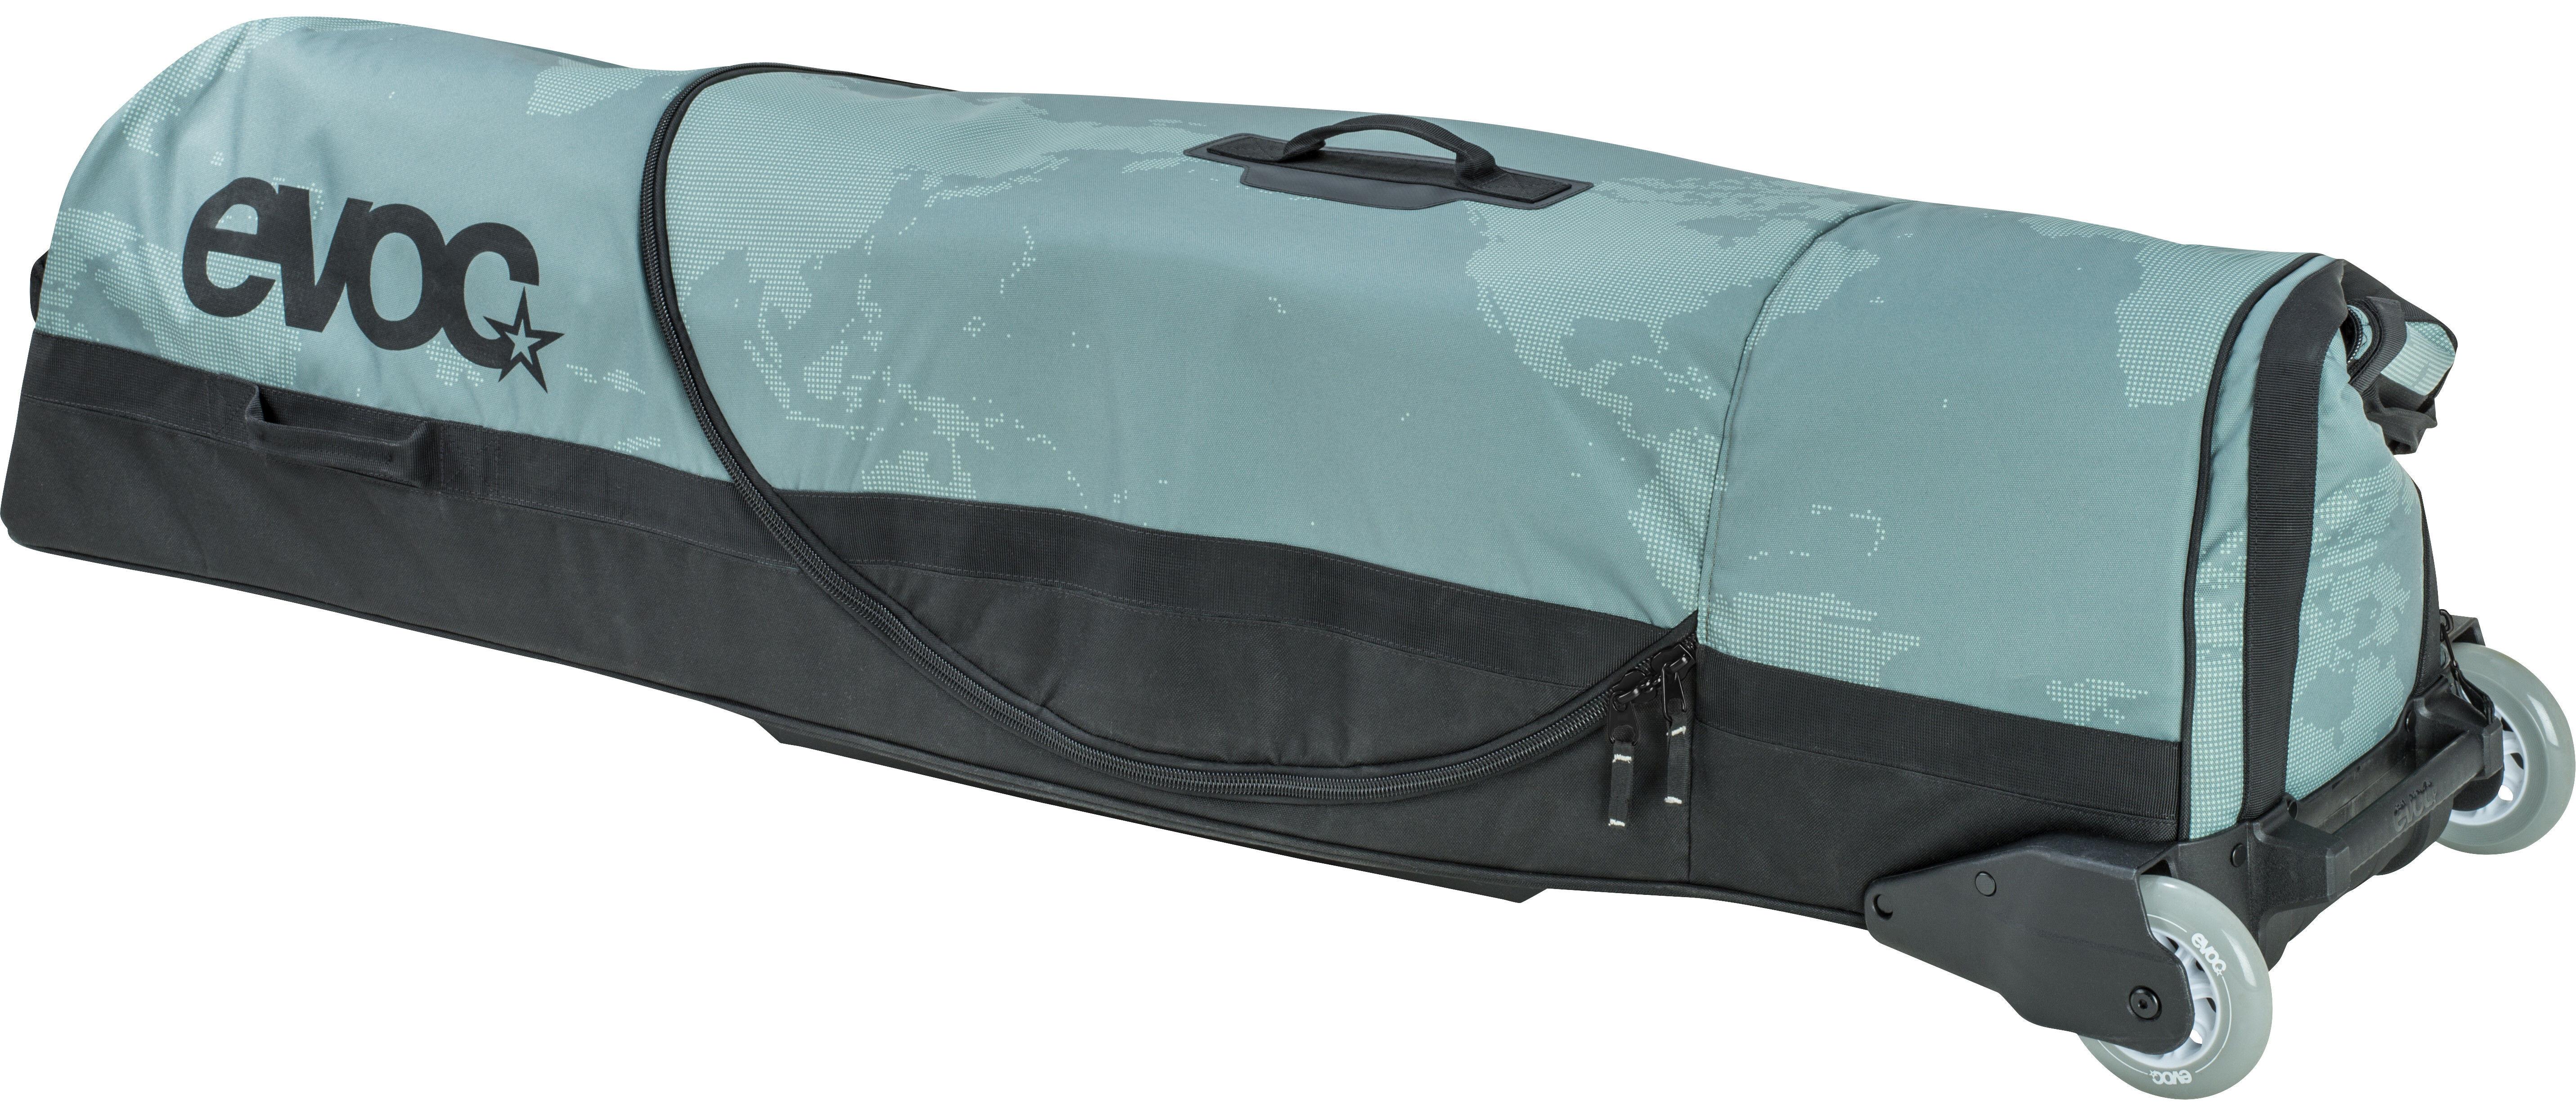 Evoc Travel Bag Review